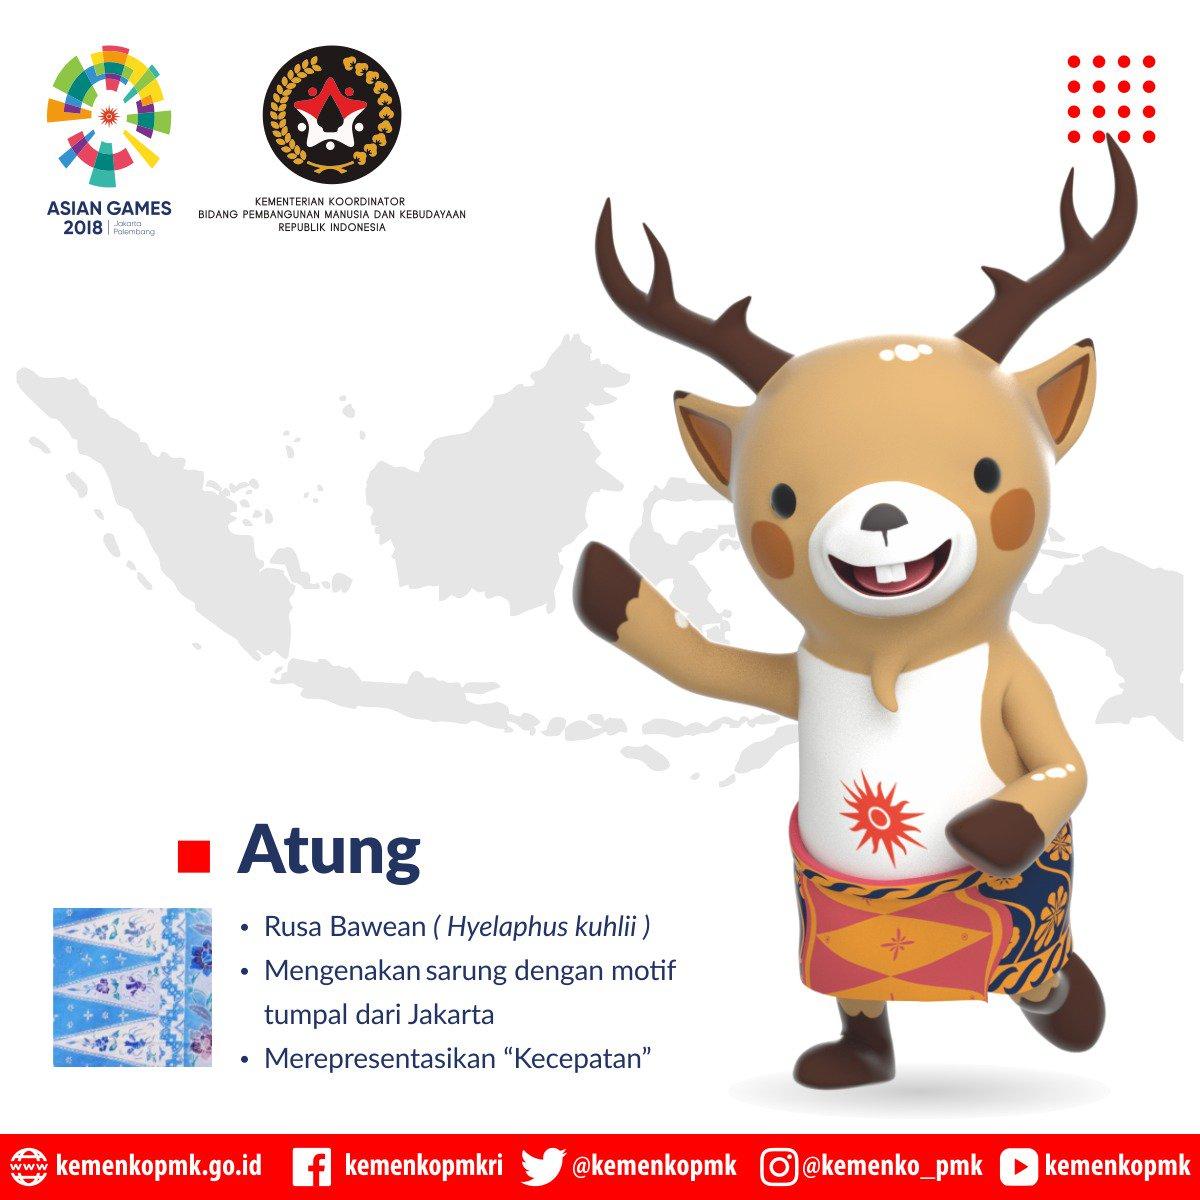 """Kemenko PMK Auf Twitter """"Atung Adalah Maskot Asian Games"""